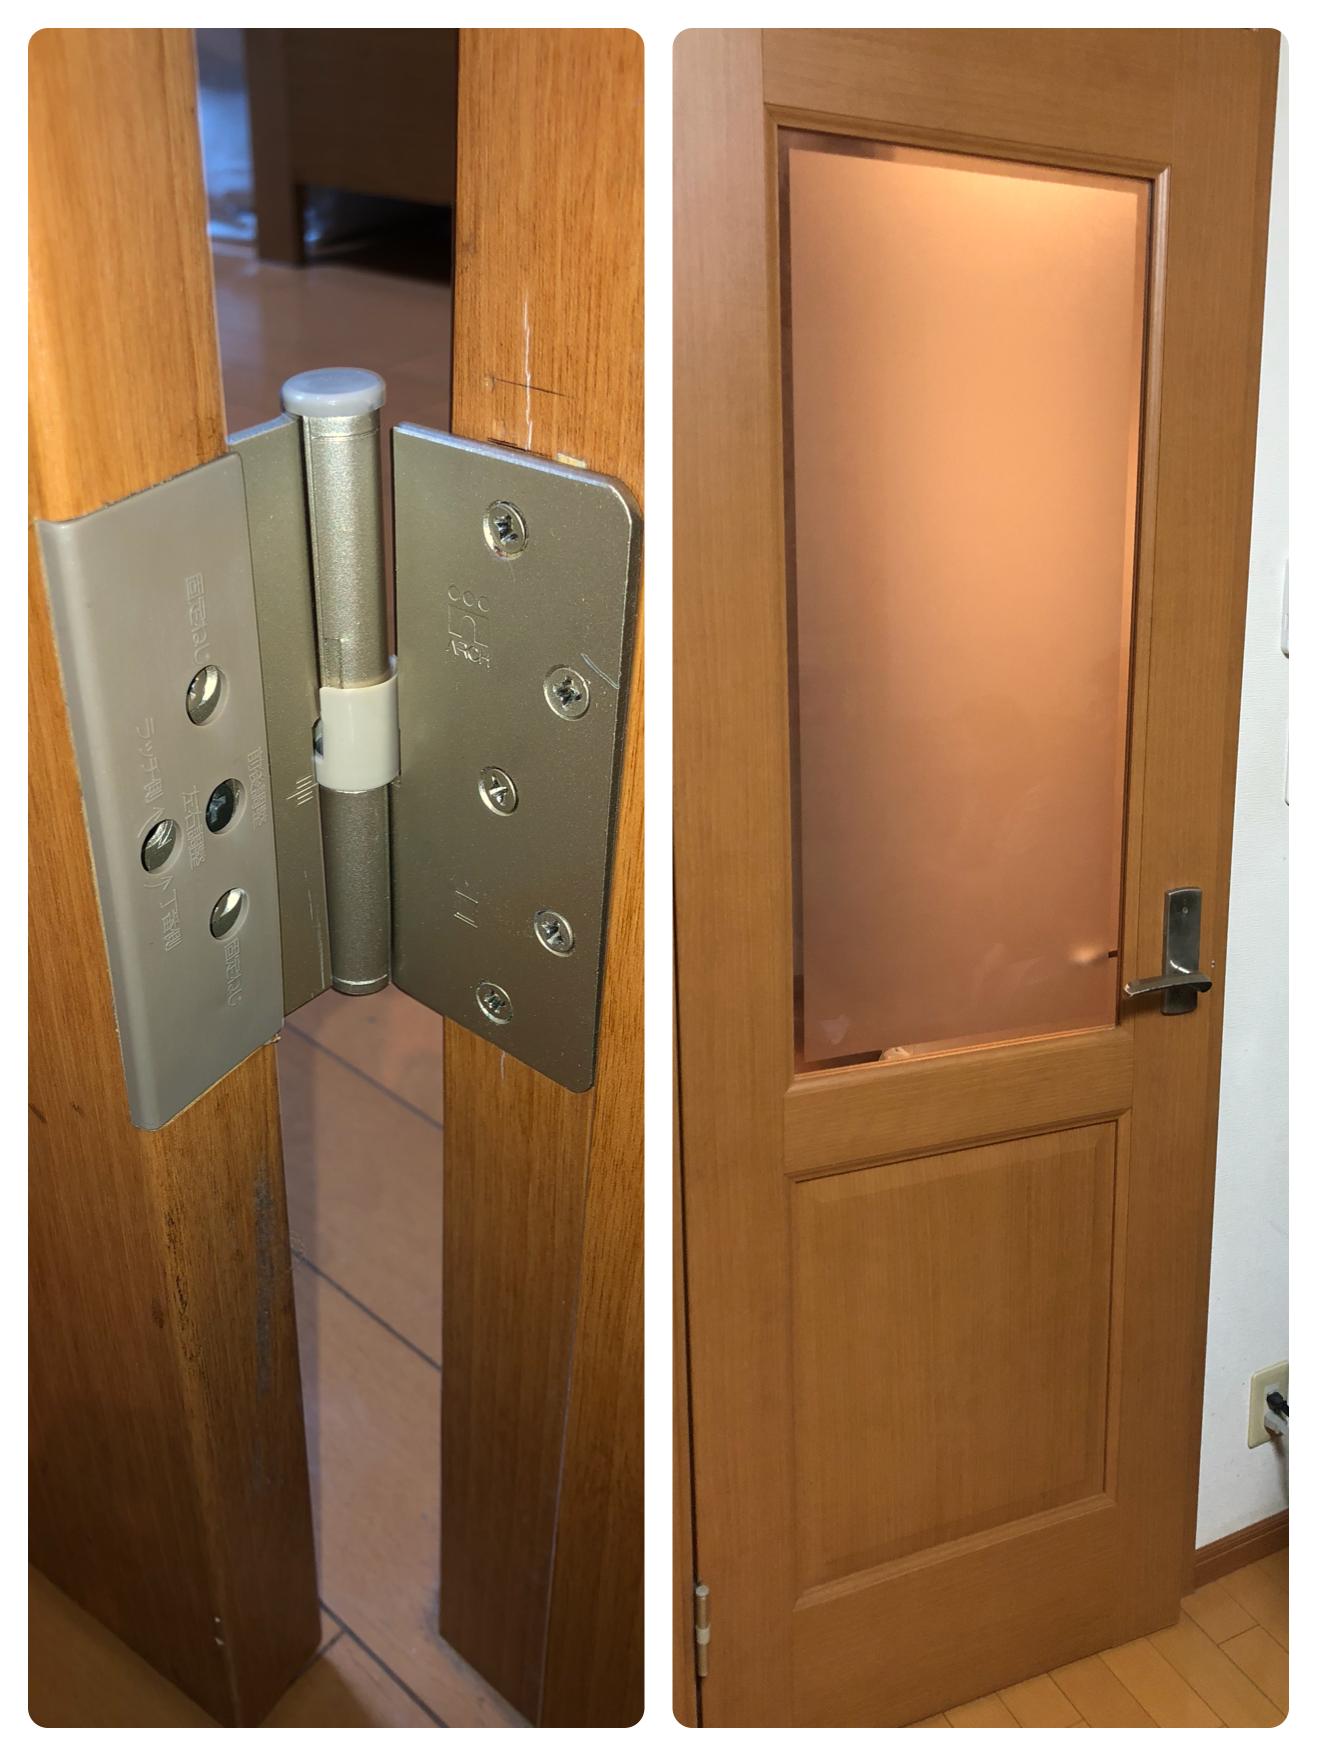 リビング扉の蝶番交換 洗面台 給湯器 トイレ